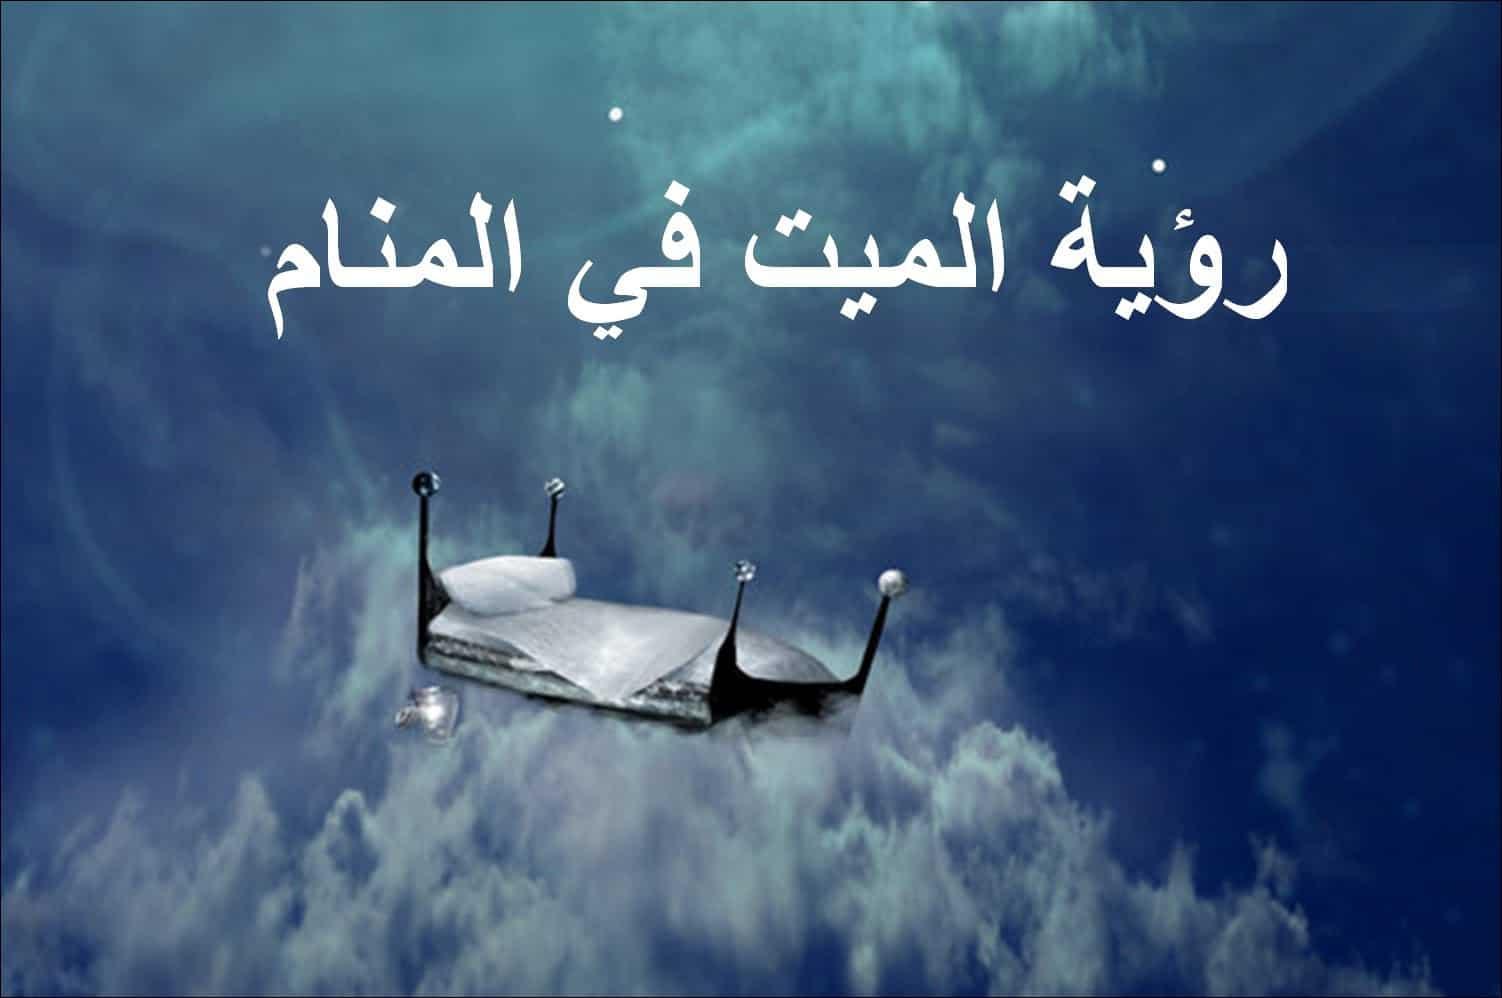 صورة تفسير حلم الموت , ماهو تفسير رؤيه الموت فى الحلم